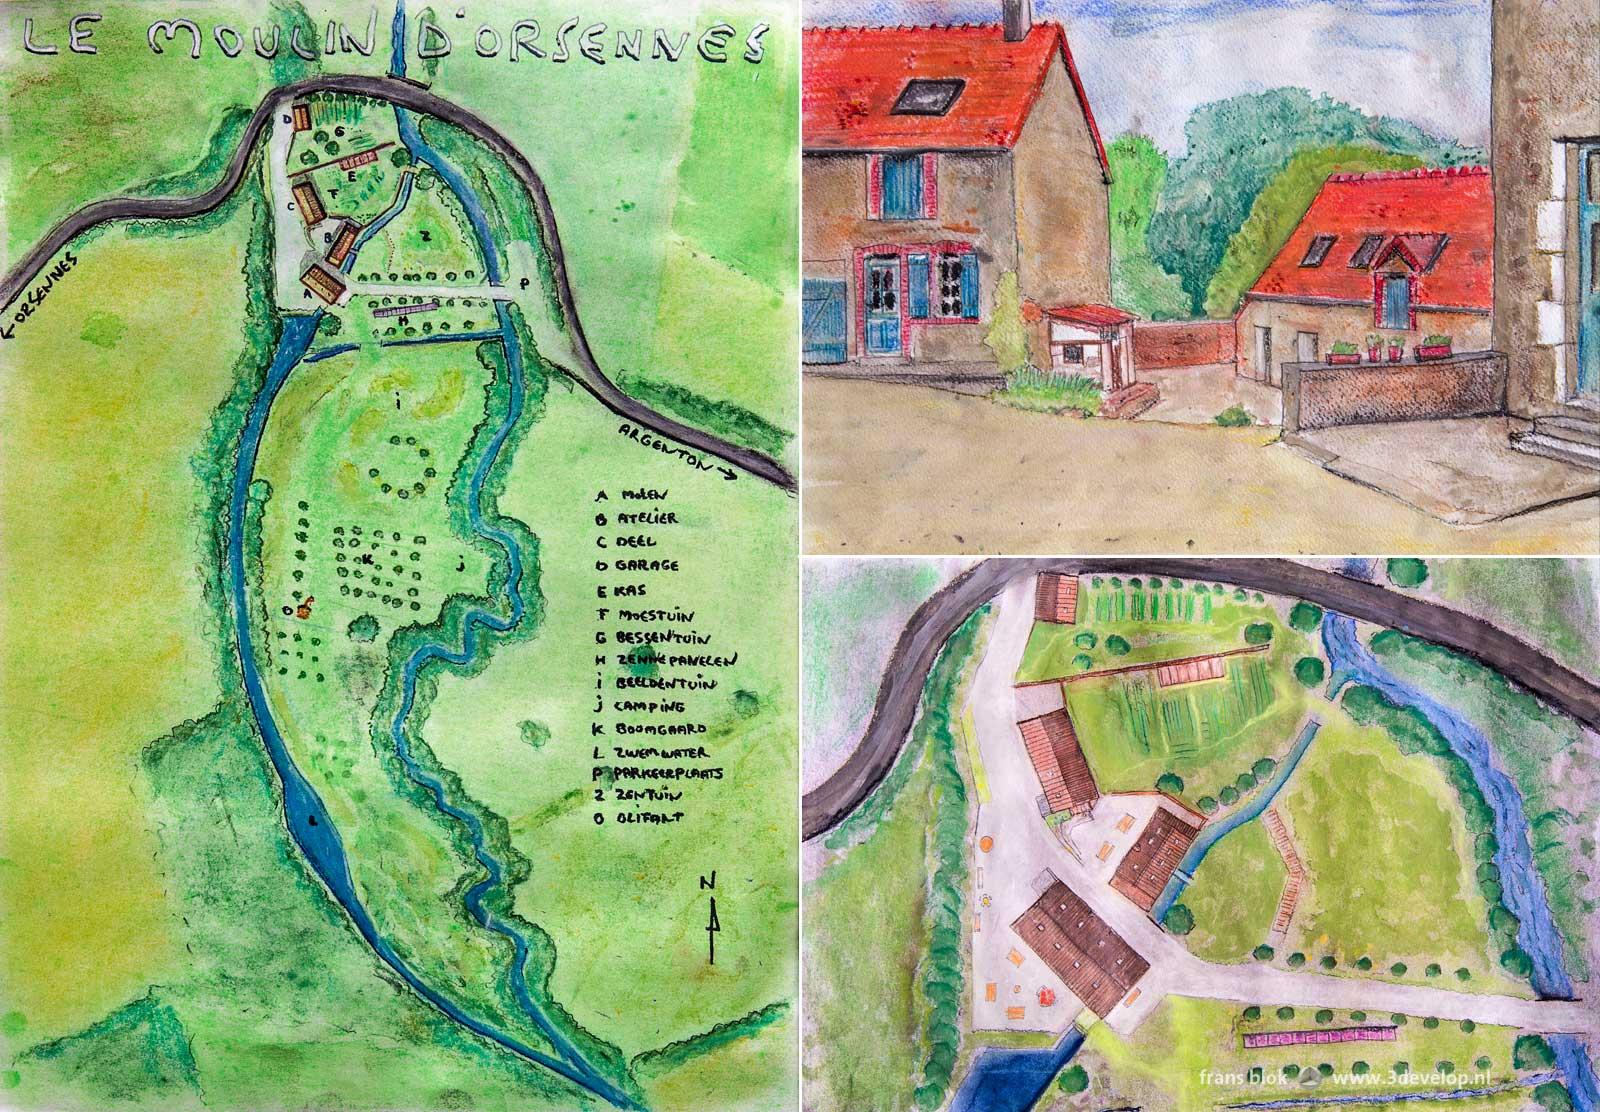 Handgetekende plattegronden en een perspectief van de Moulin d'Orsennes, een Franse watermolen die omgebouwd is tot centrum voor creatieve en yoga-vakanties